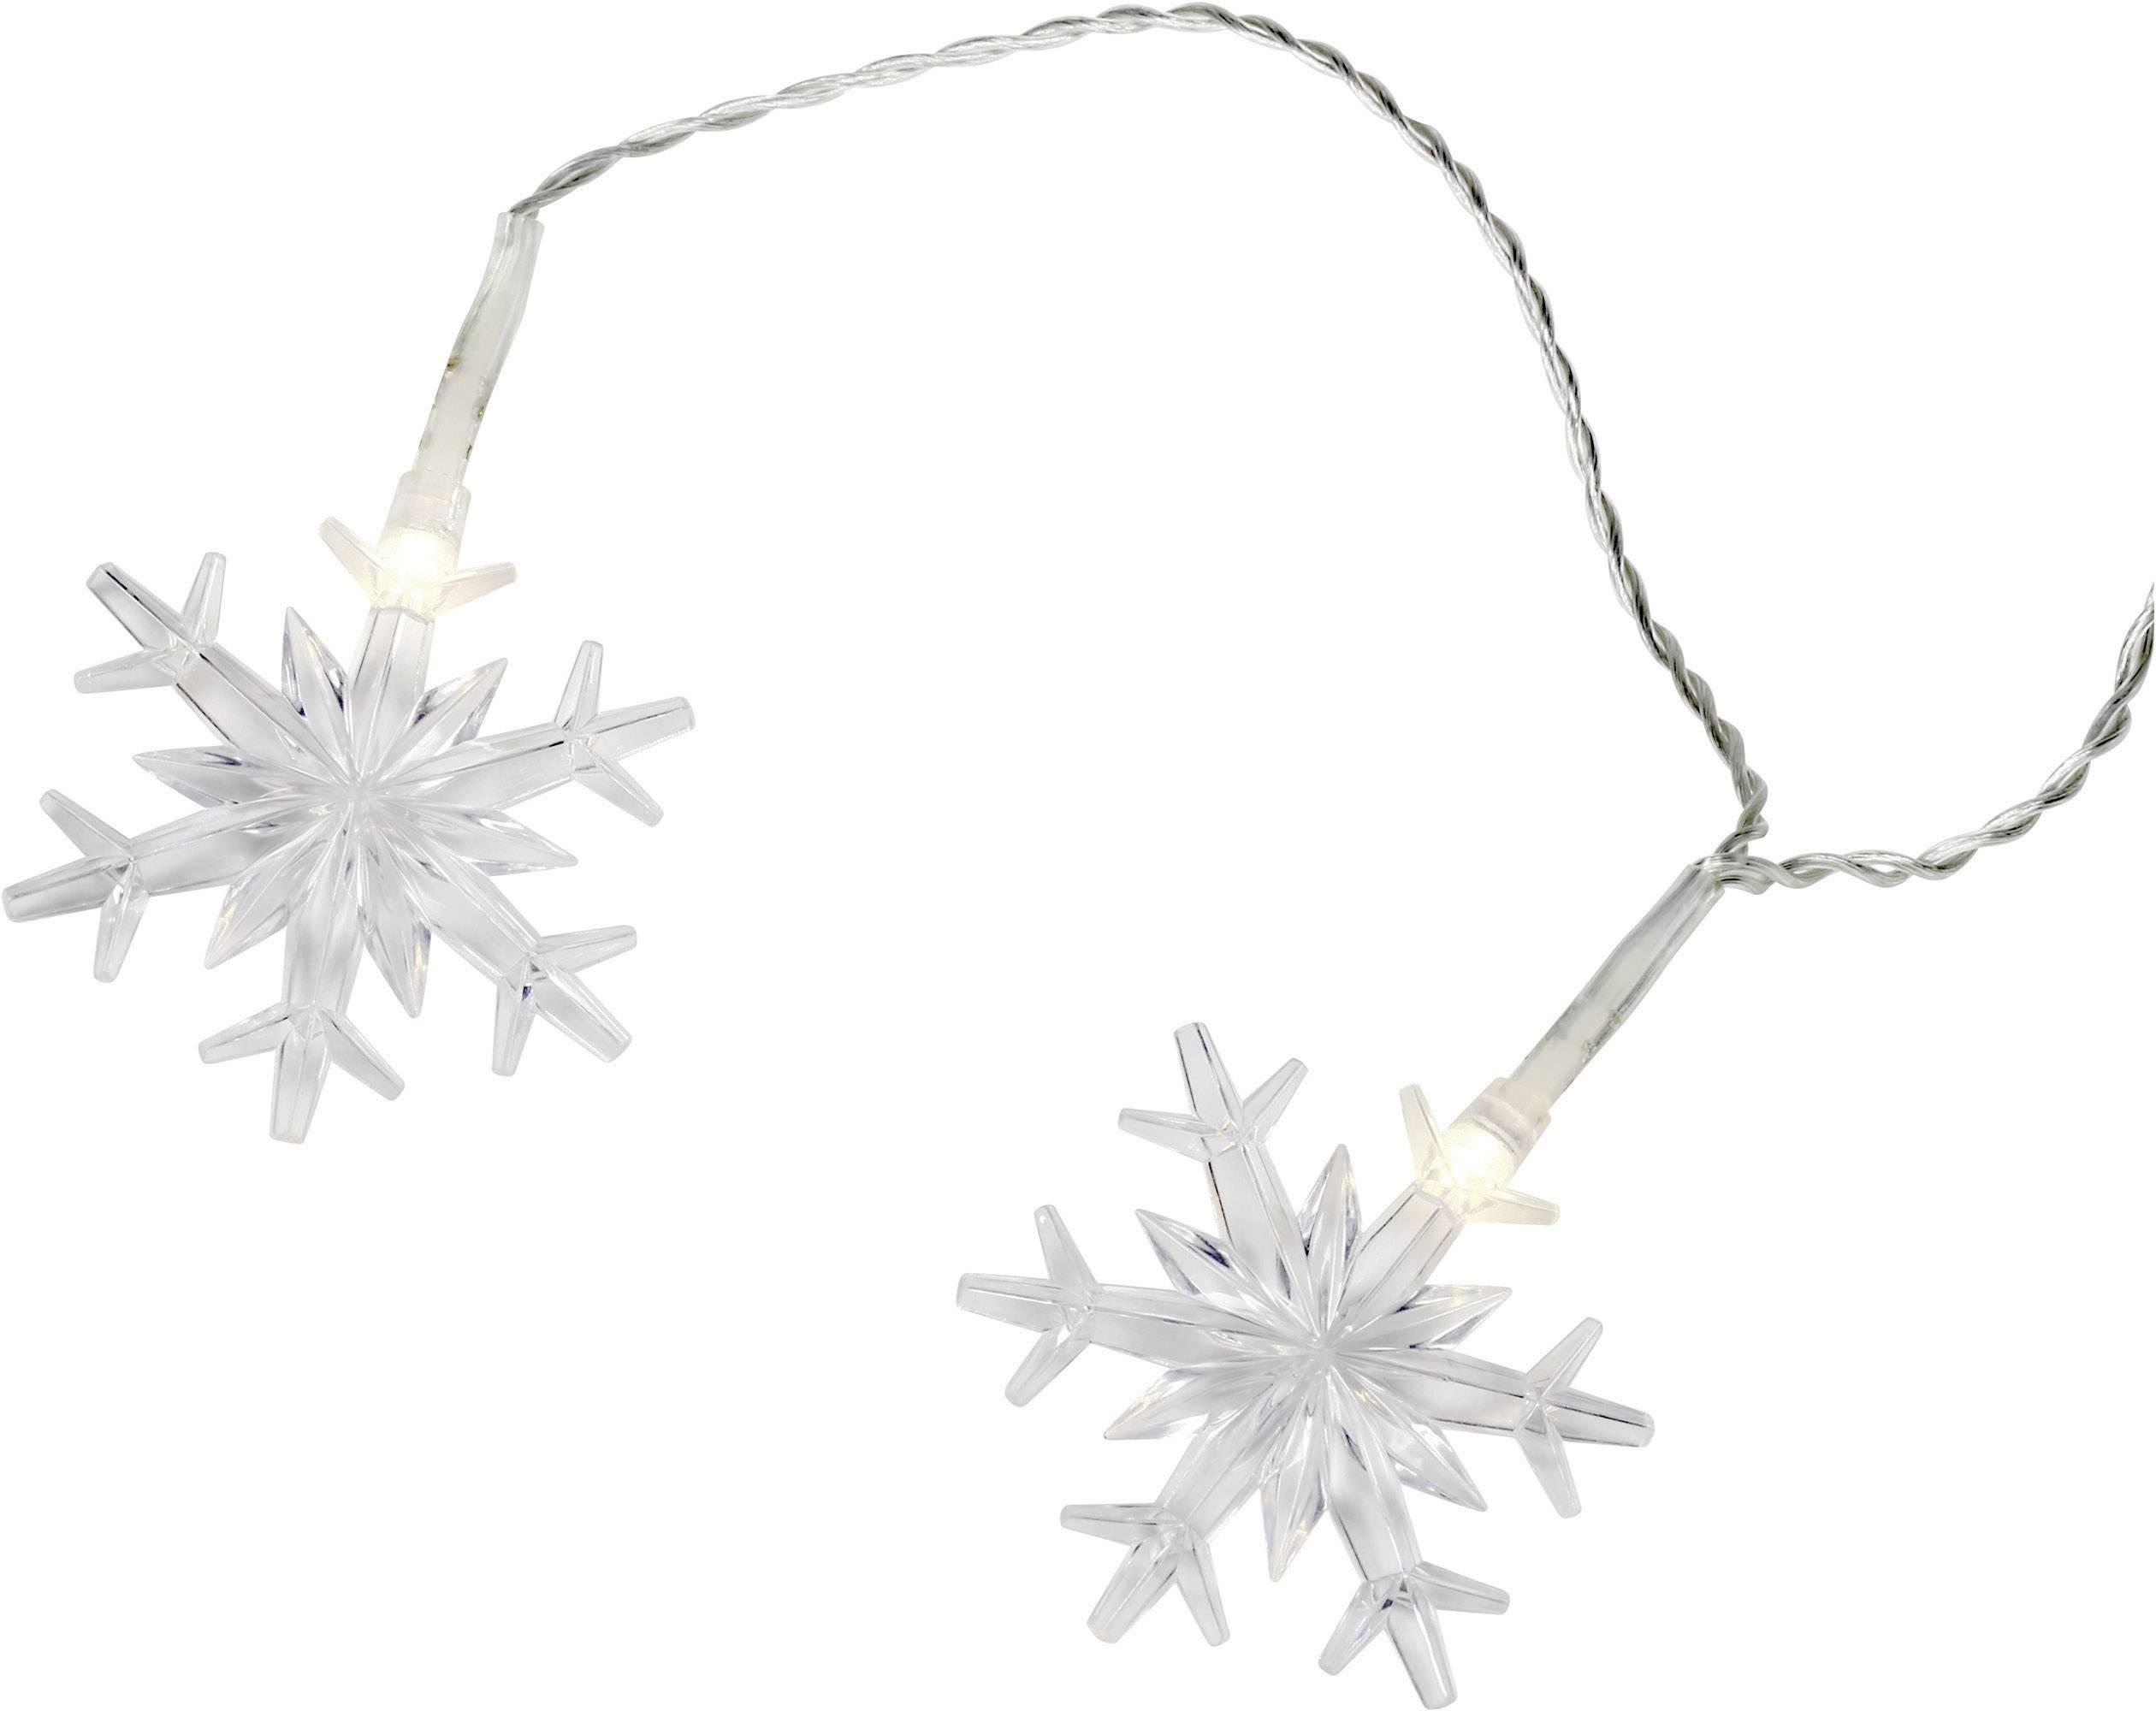 LED mini svetelná reťaz s motívom snehové vločky vonkajšie 12-C004, 230 V, teplá biela, 12.2 m